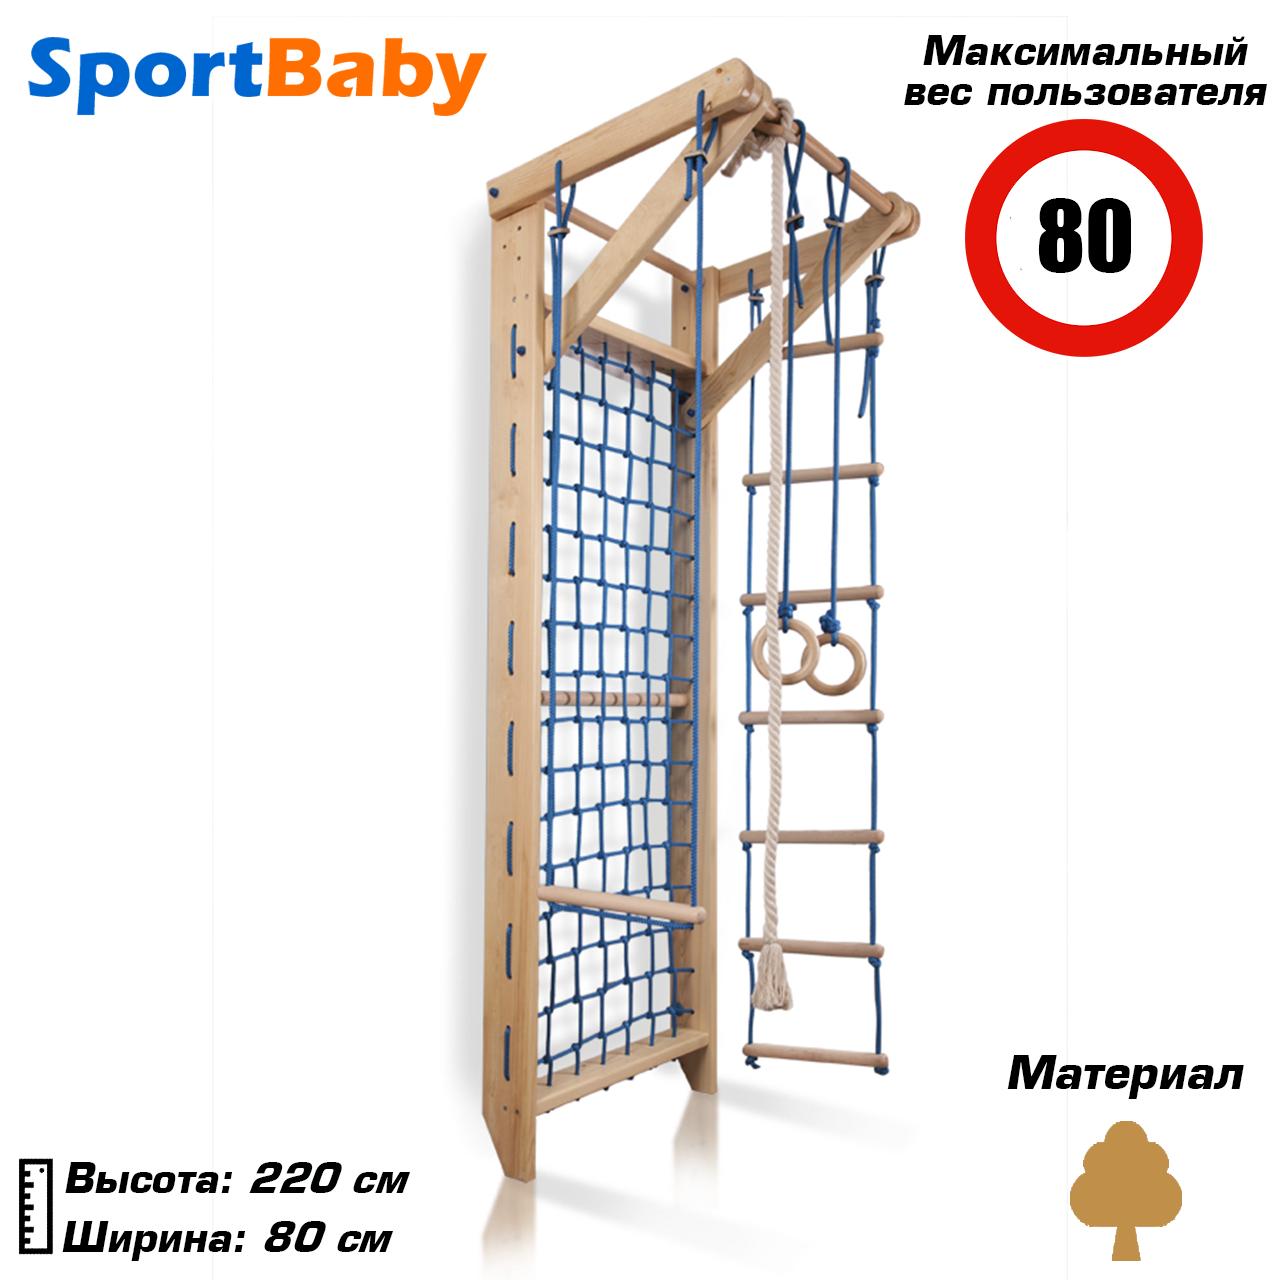 Гладиаторская сетка для детей c навесным оборудованием «Baby 8 - 220»